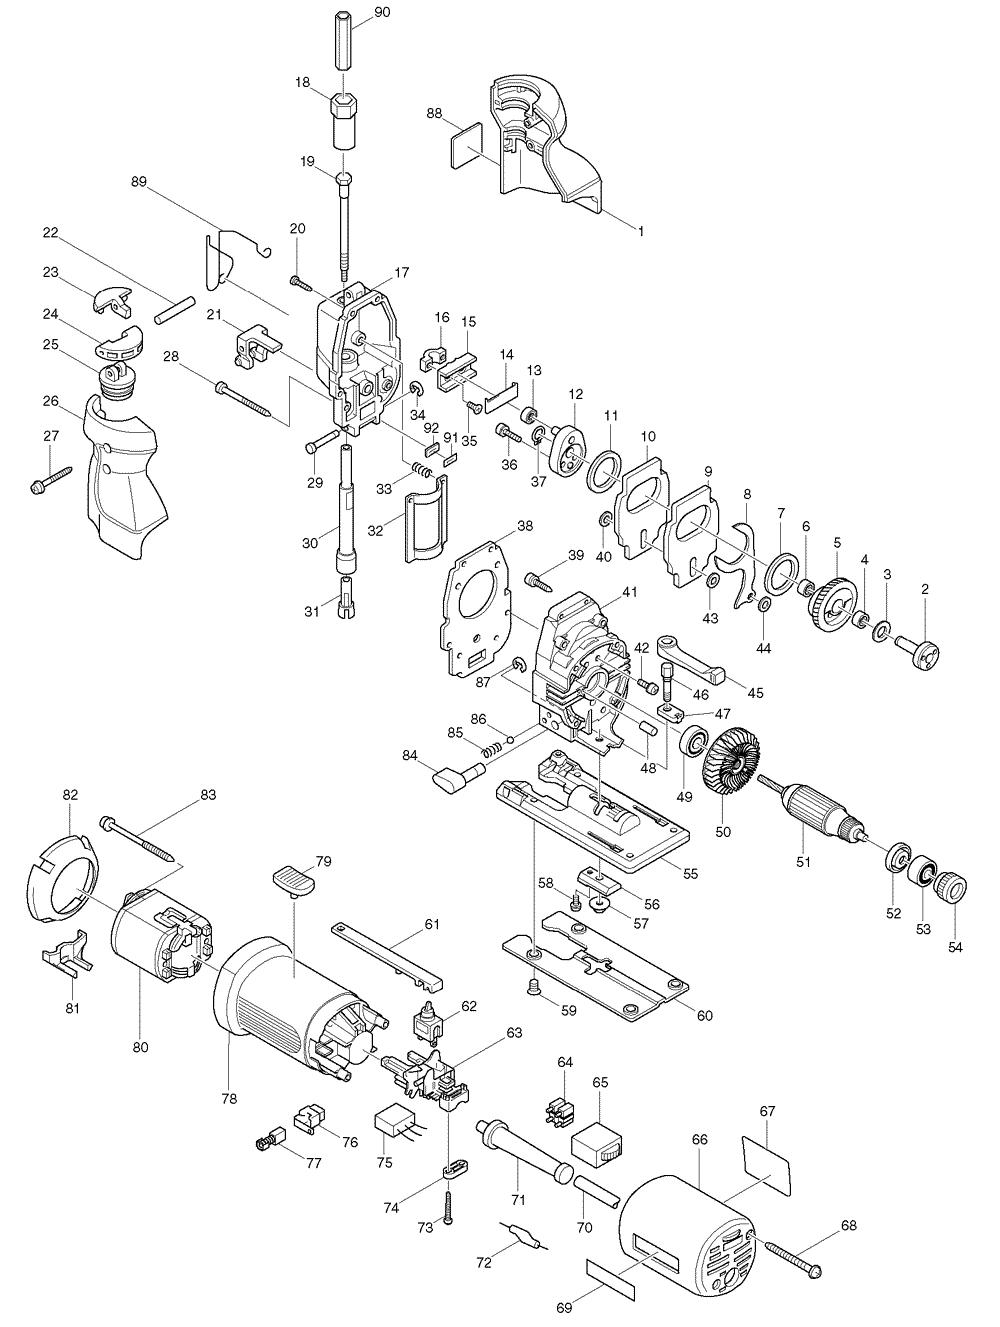 Buy Makita 4305t Replacement Tool Parts